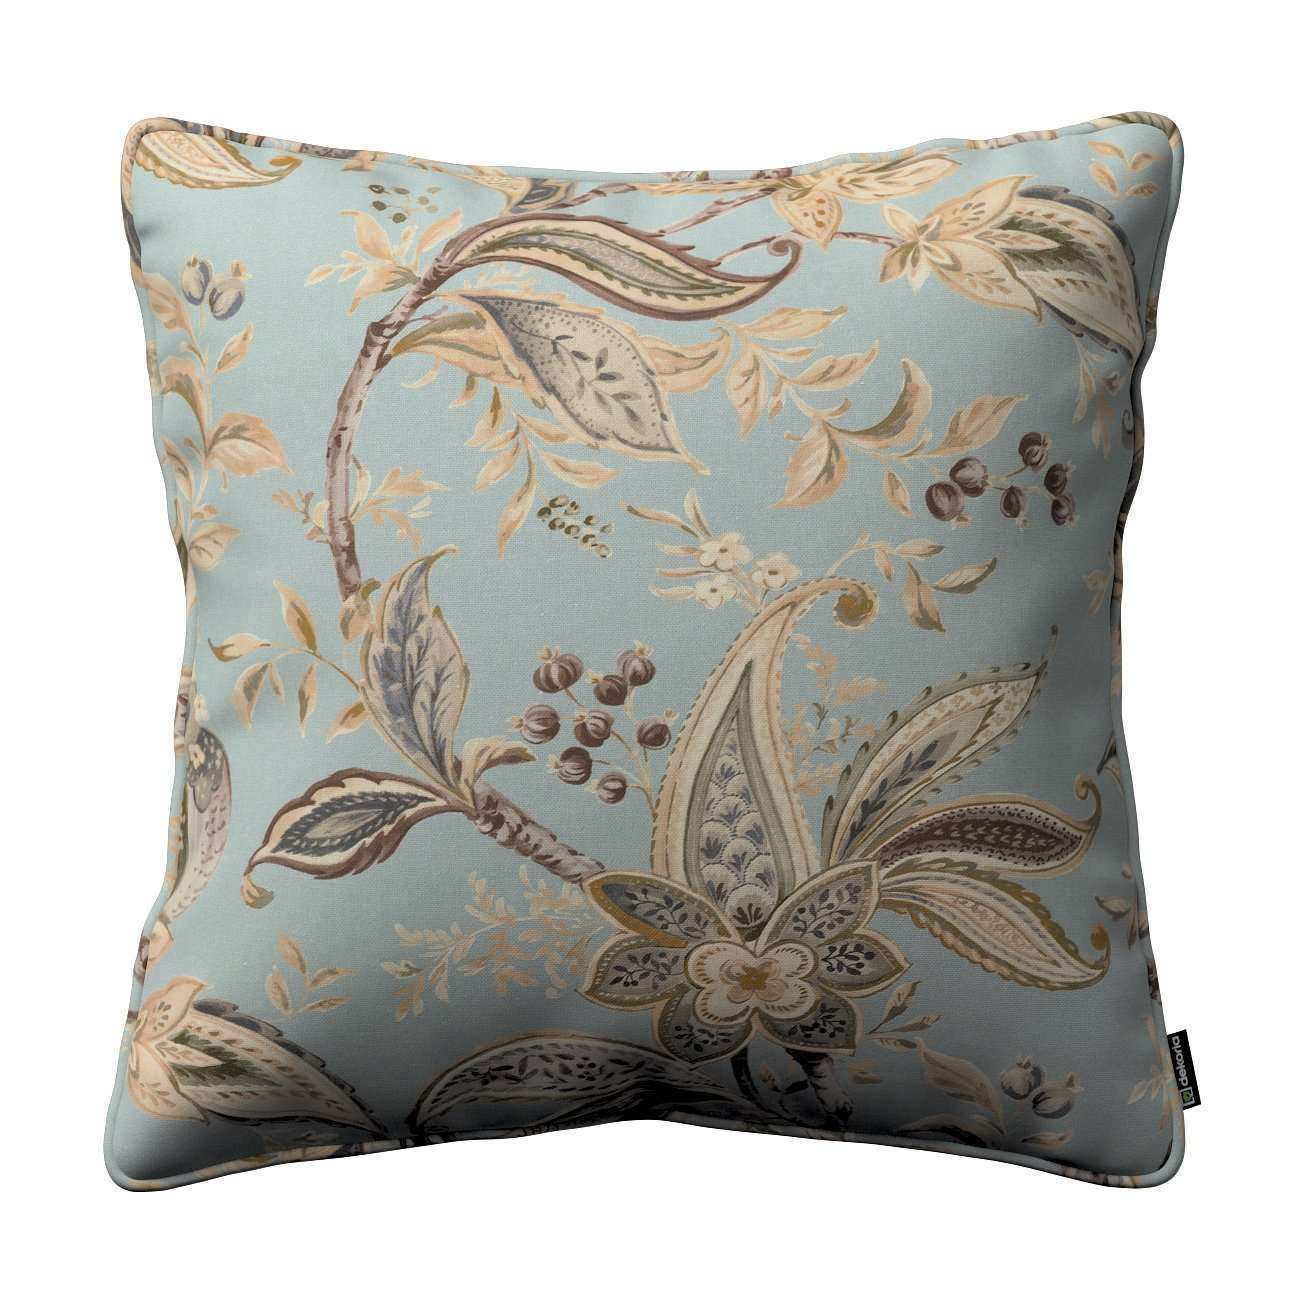 Poszewka Gabi na poduszkę w kolekcji Gardenia, tkanina: 142-18